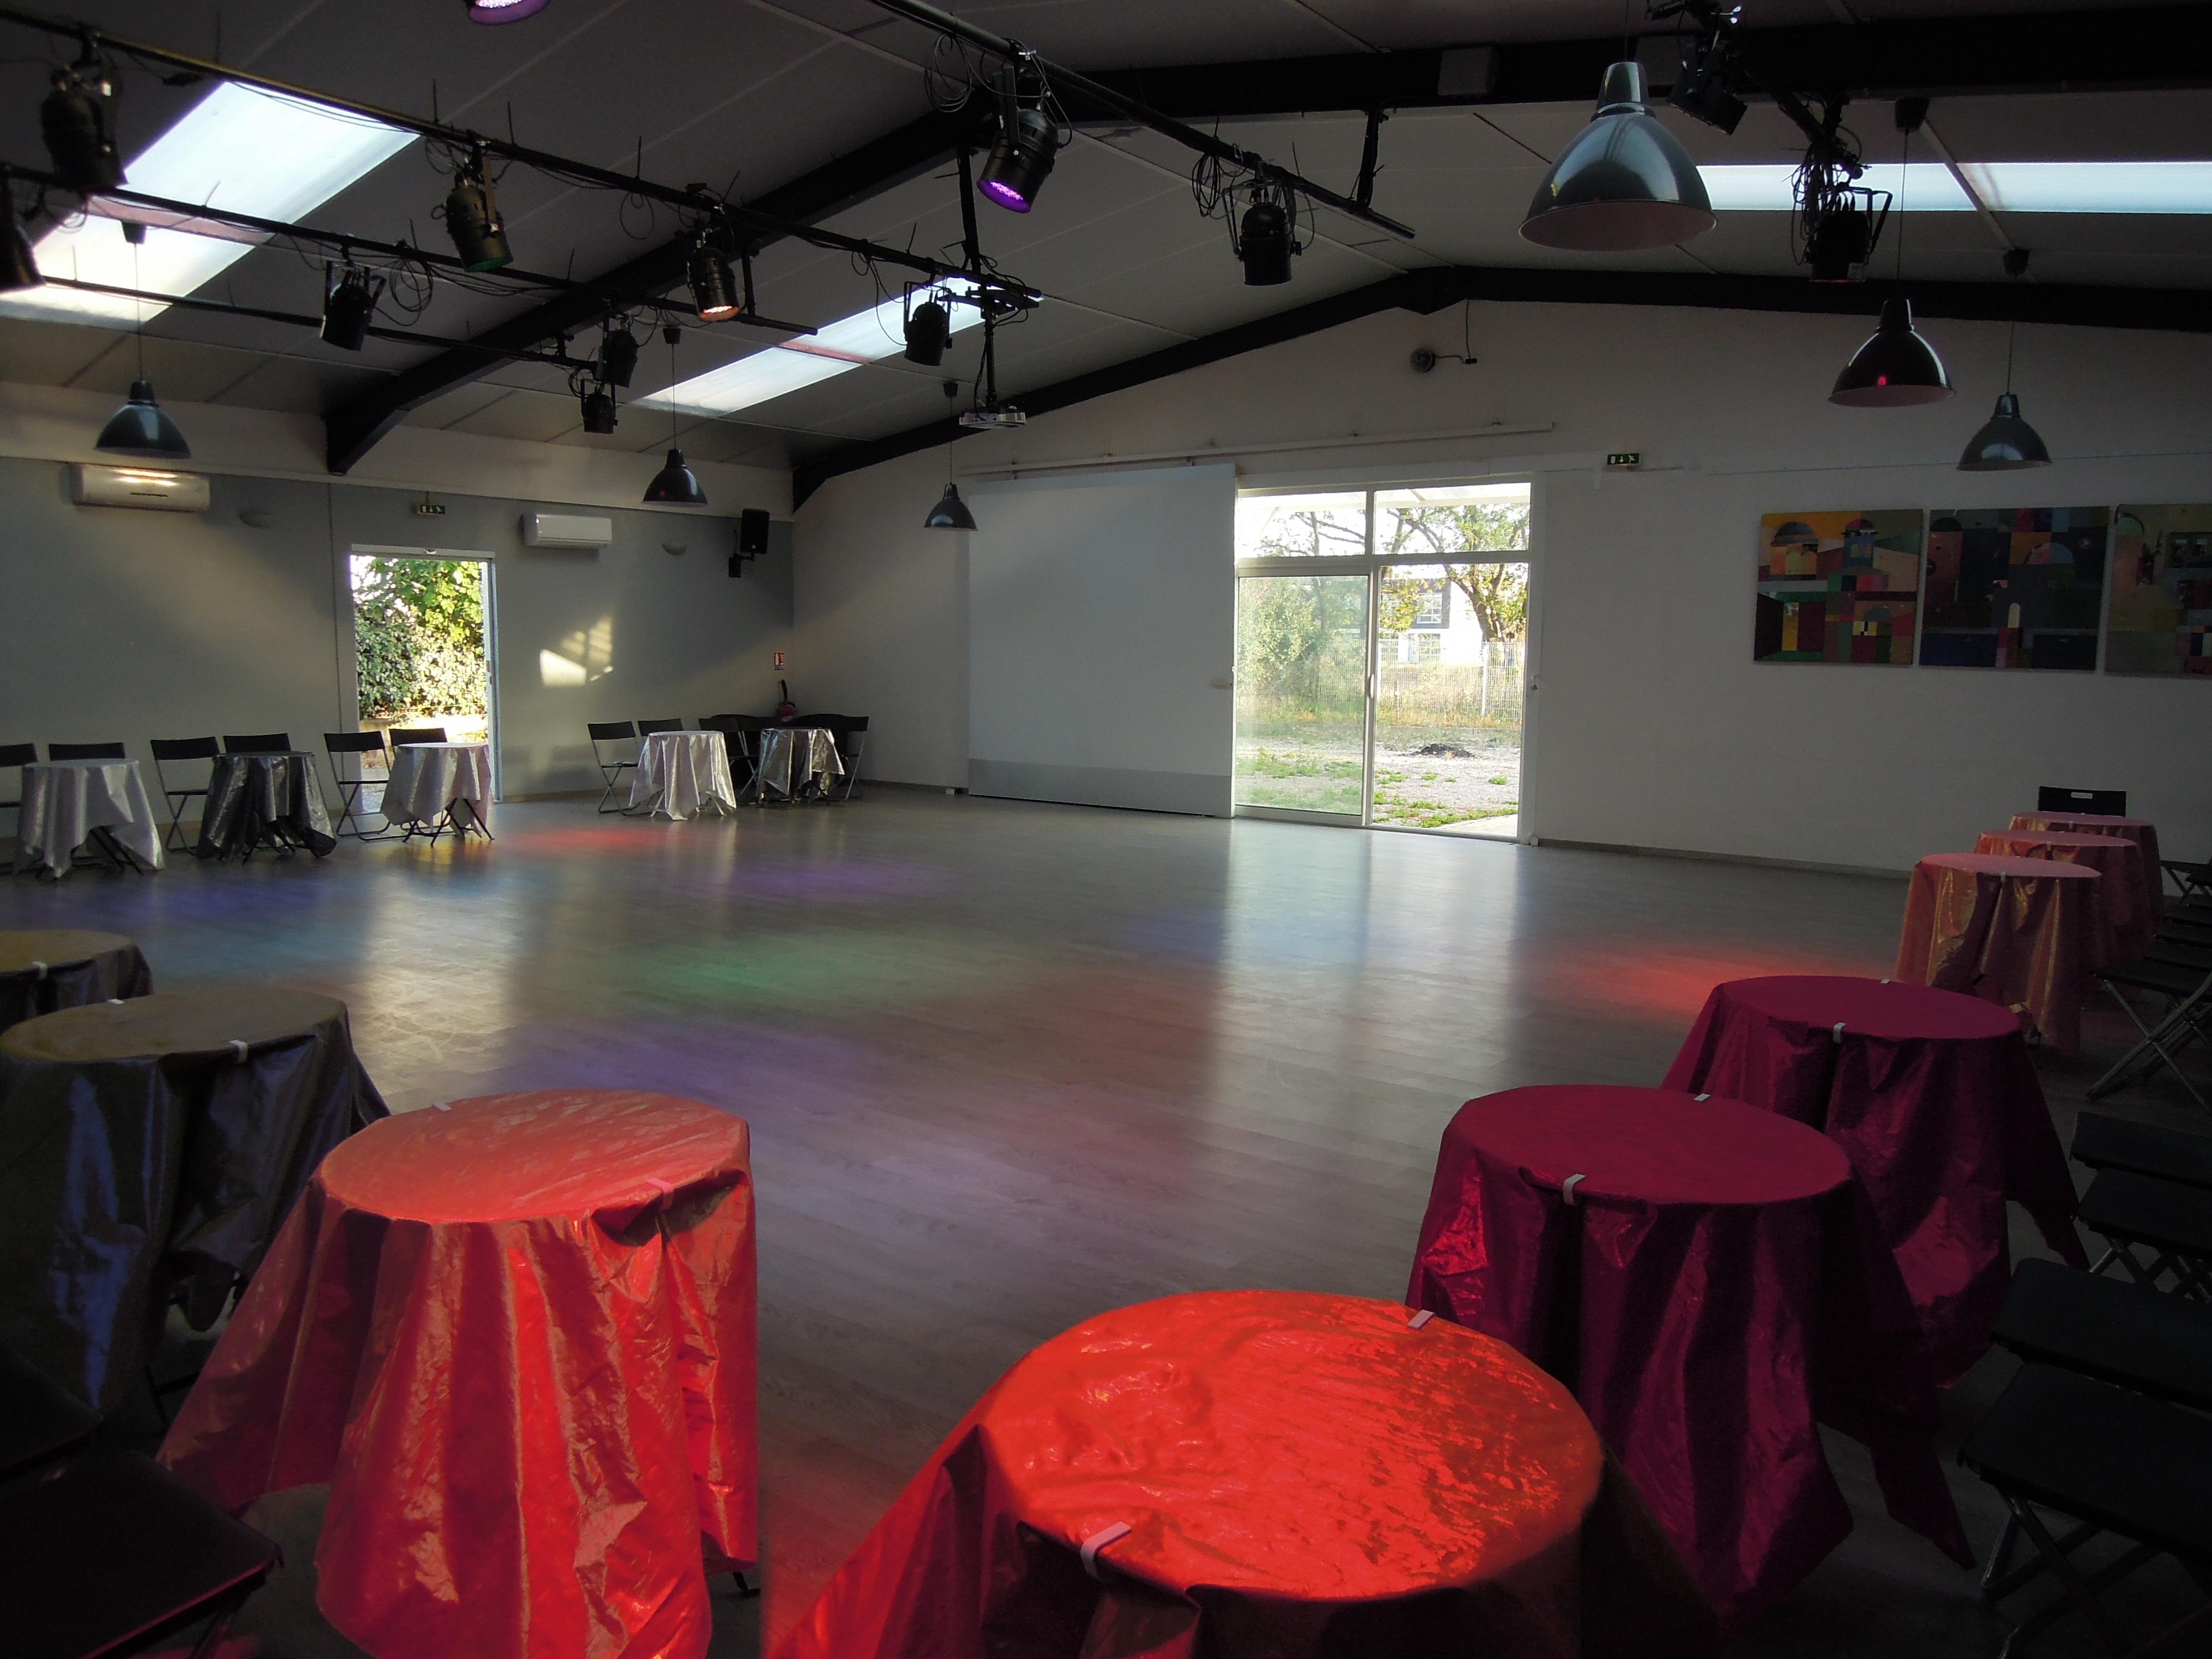 Location de salle mise disposition el sal n de tango - Salon de massage montpellier ...